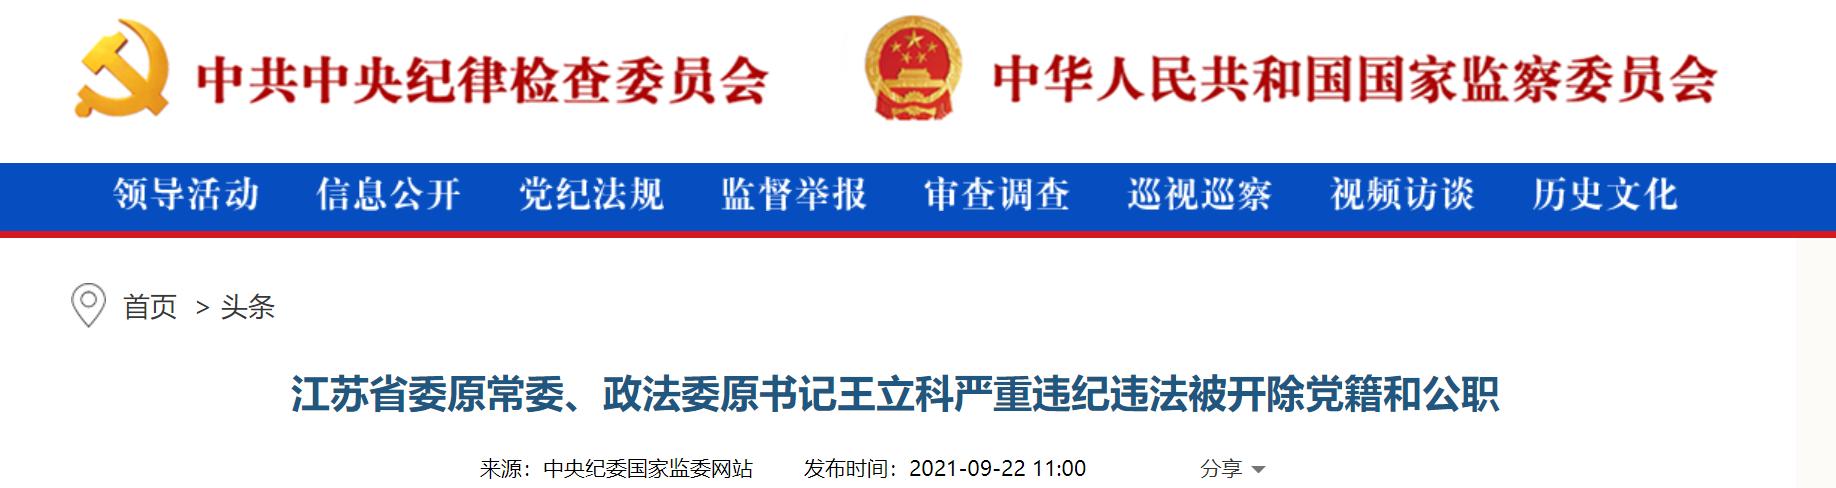 卖官鬻爵 钱色交易!江苏省委政法委原书记王立科被双开